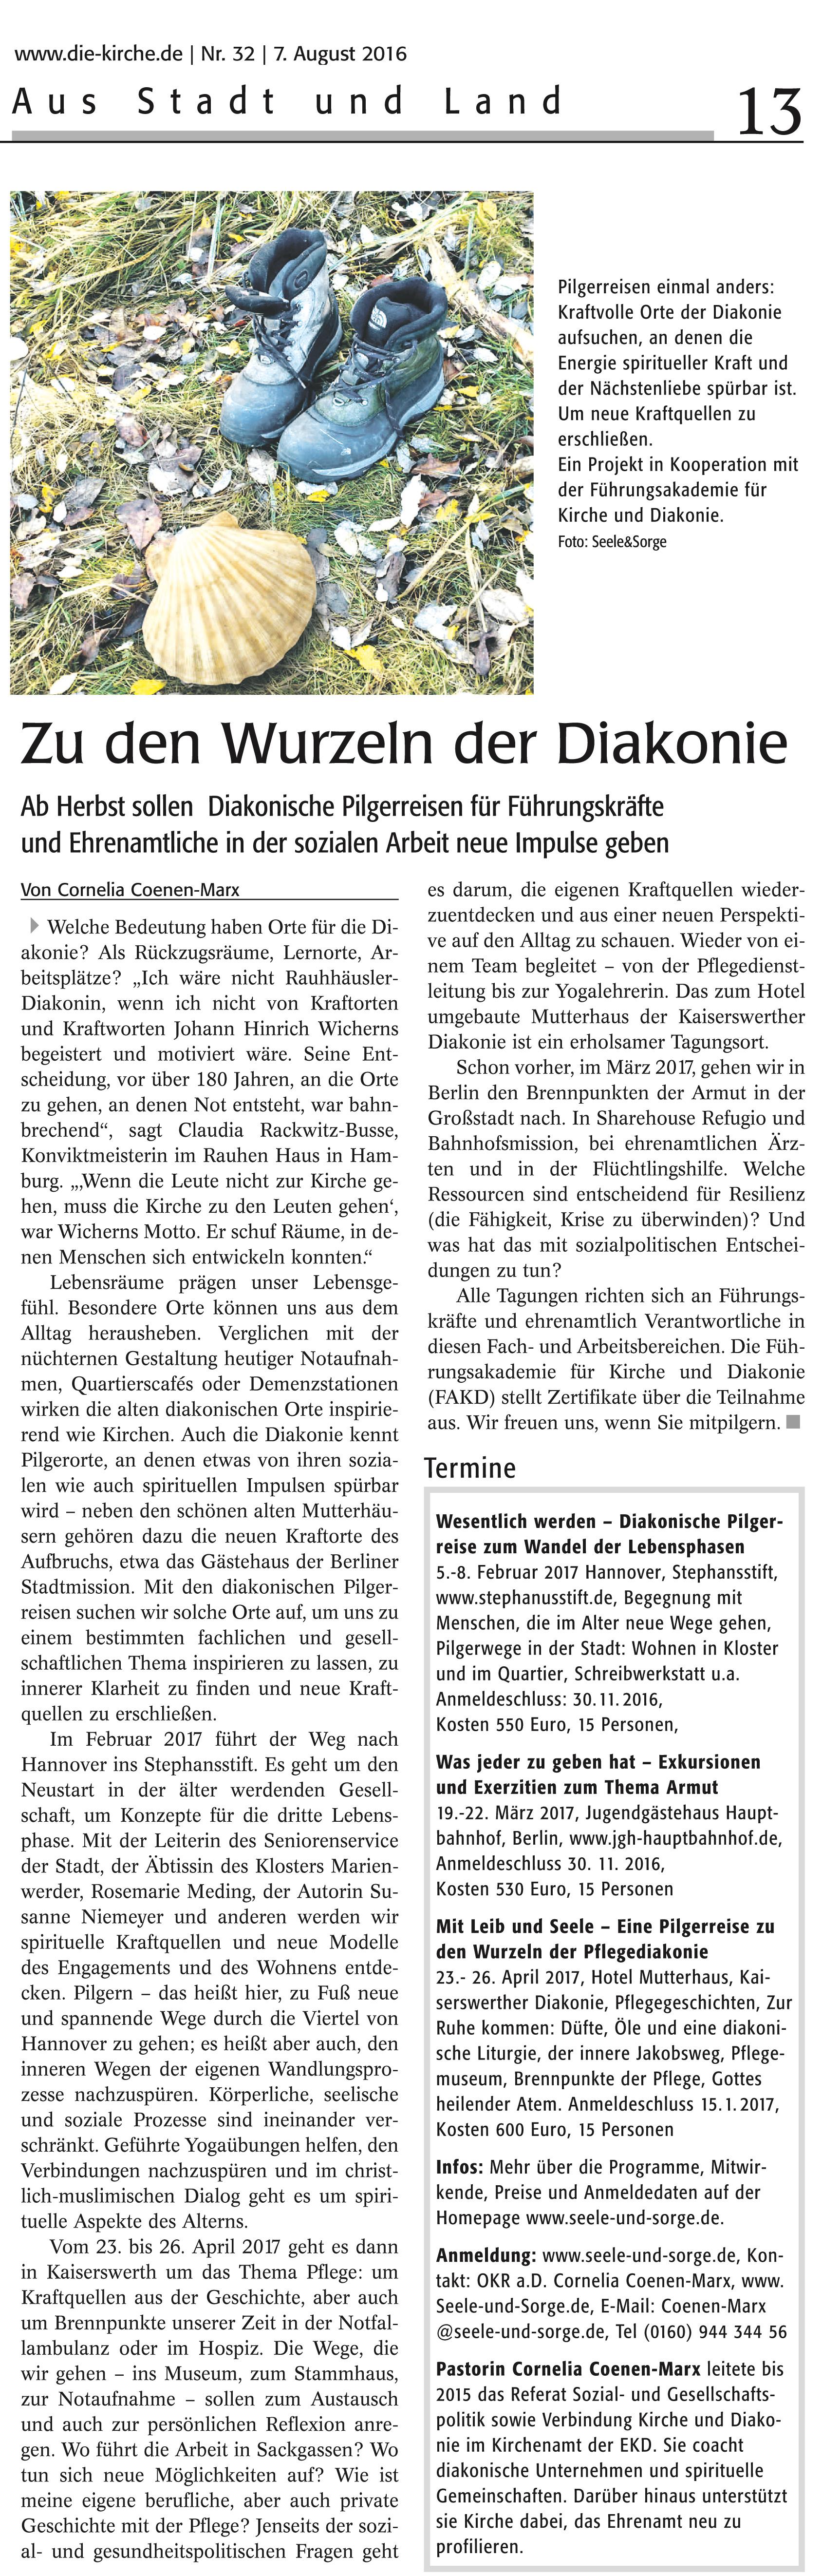 die_kirche